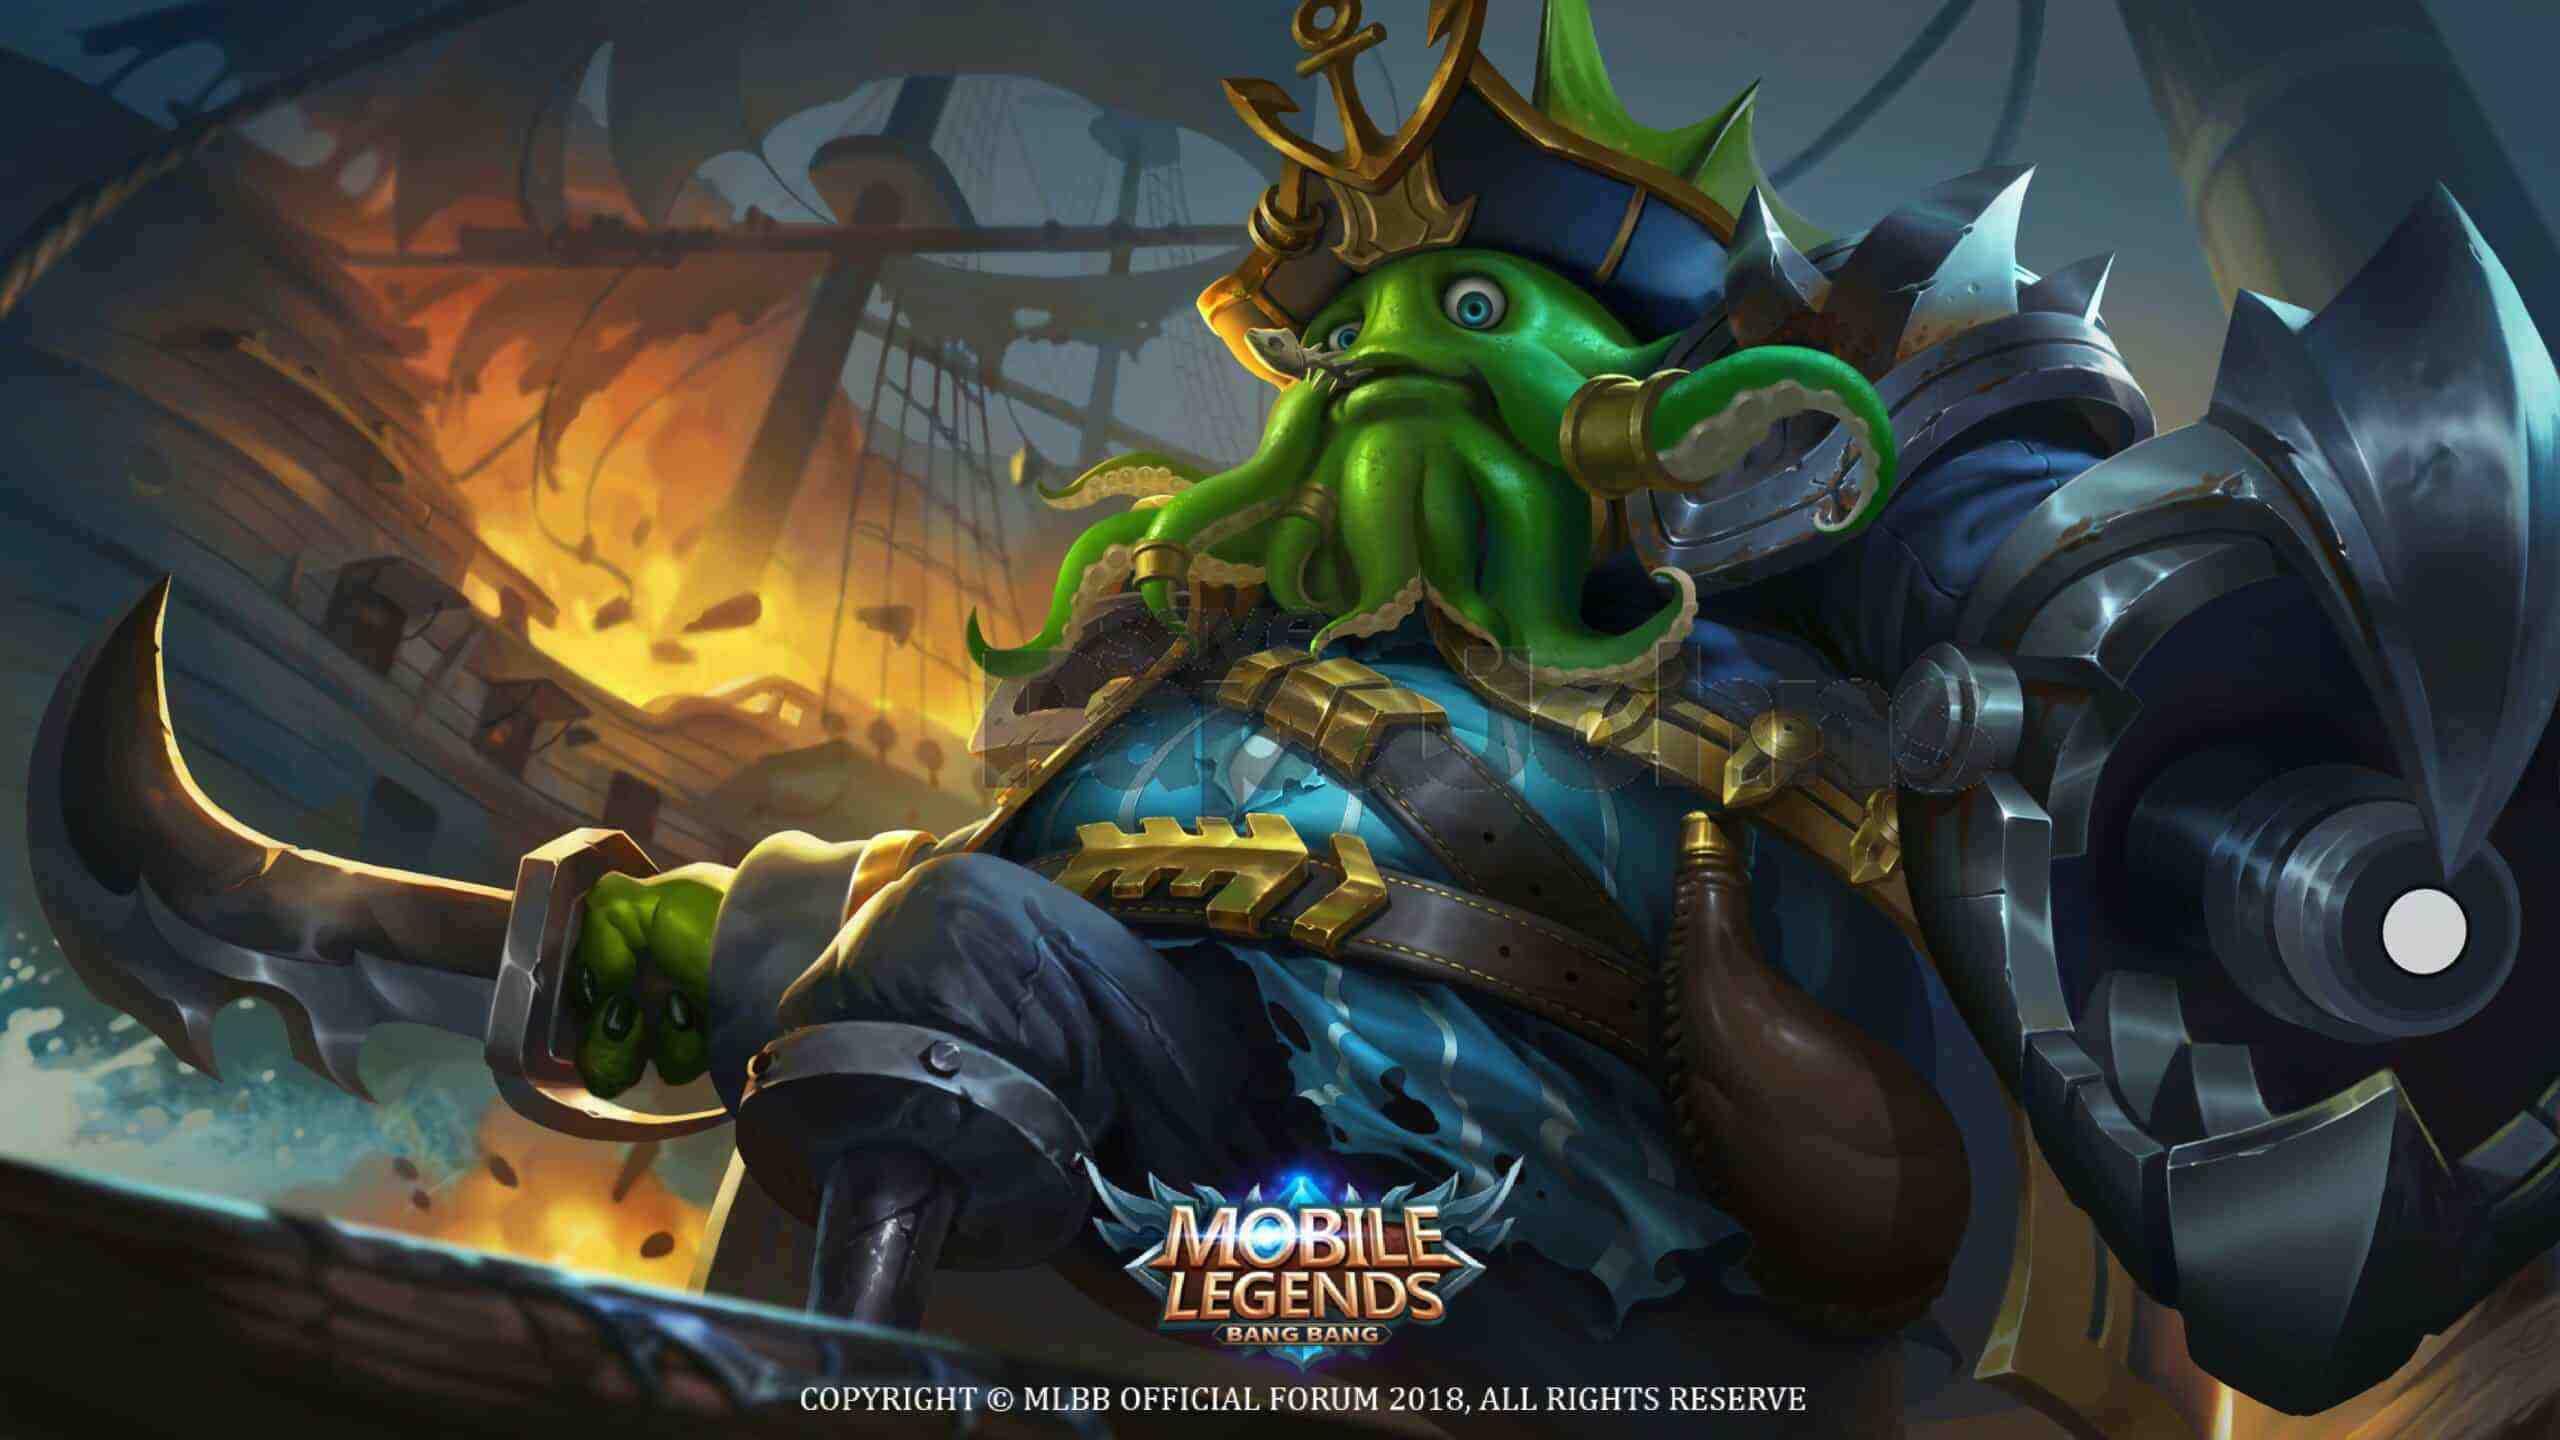 Apk Mobile Legends Mod